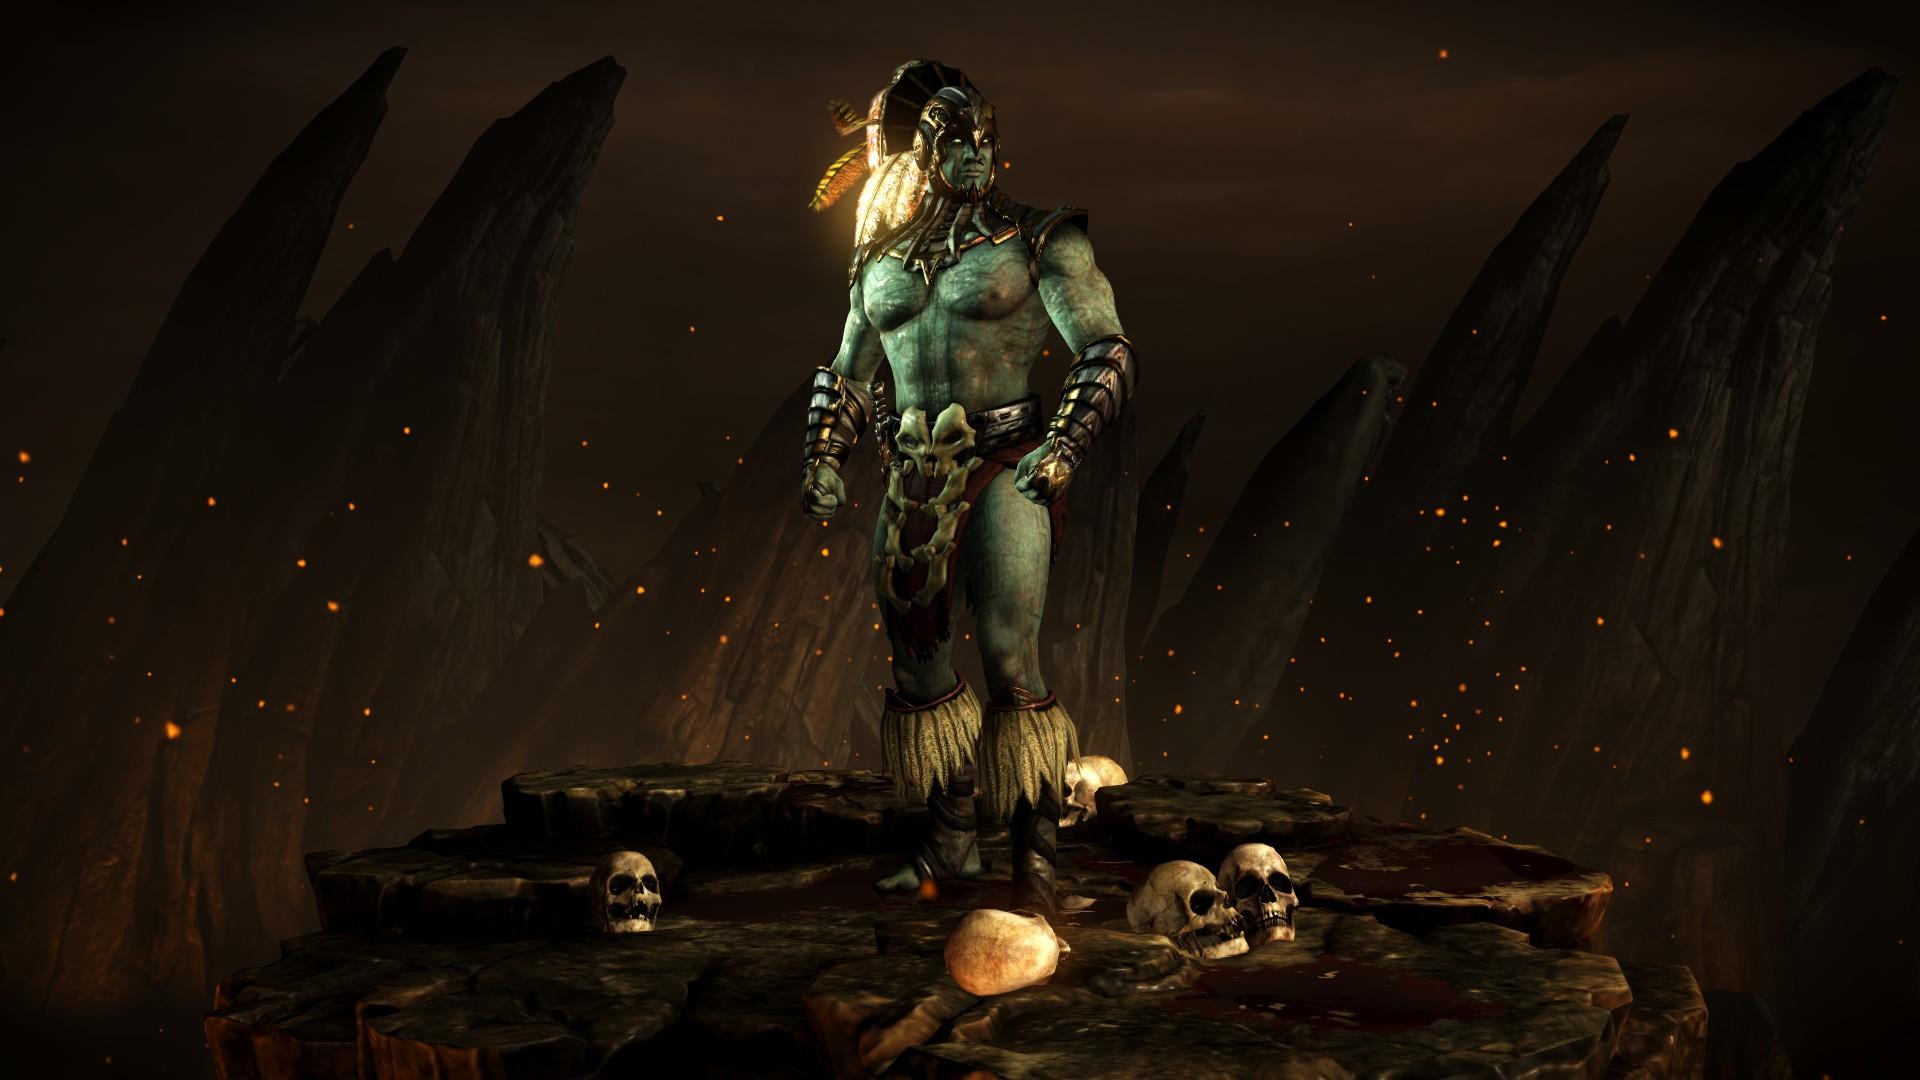 Коталь Кан - Mortal Kombat X Коталь Кан